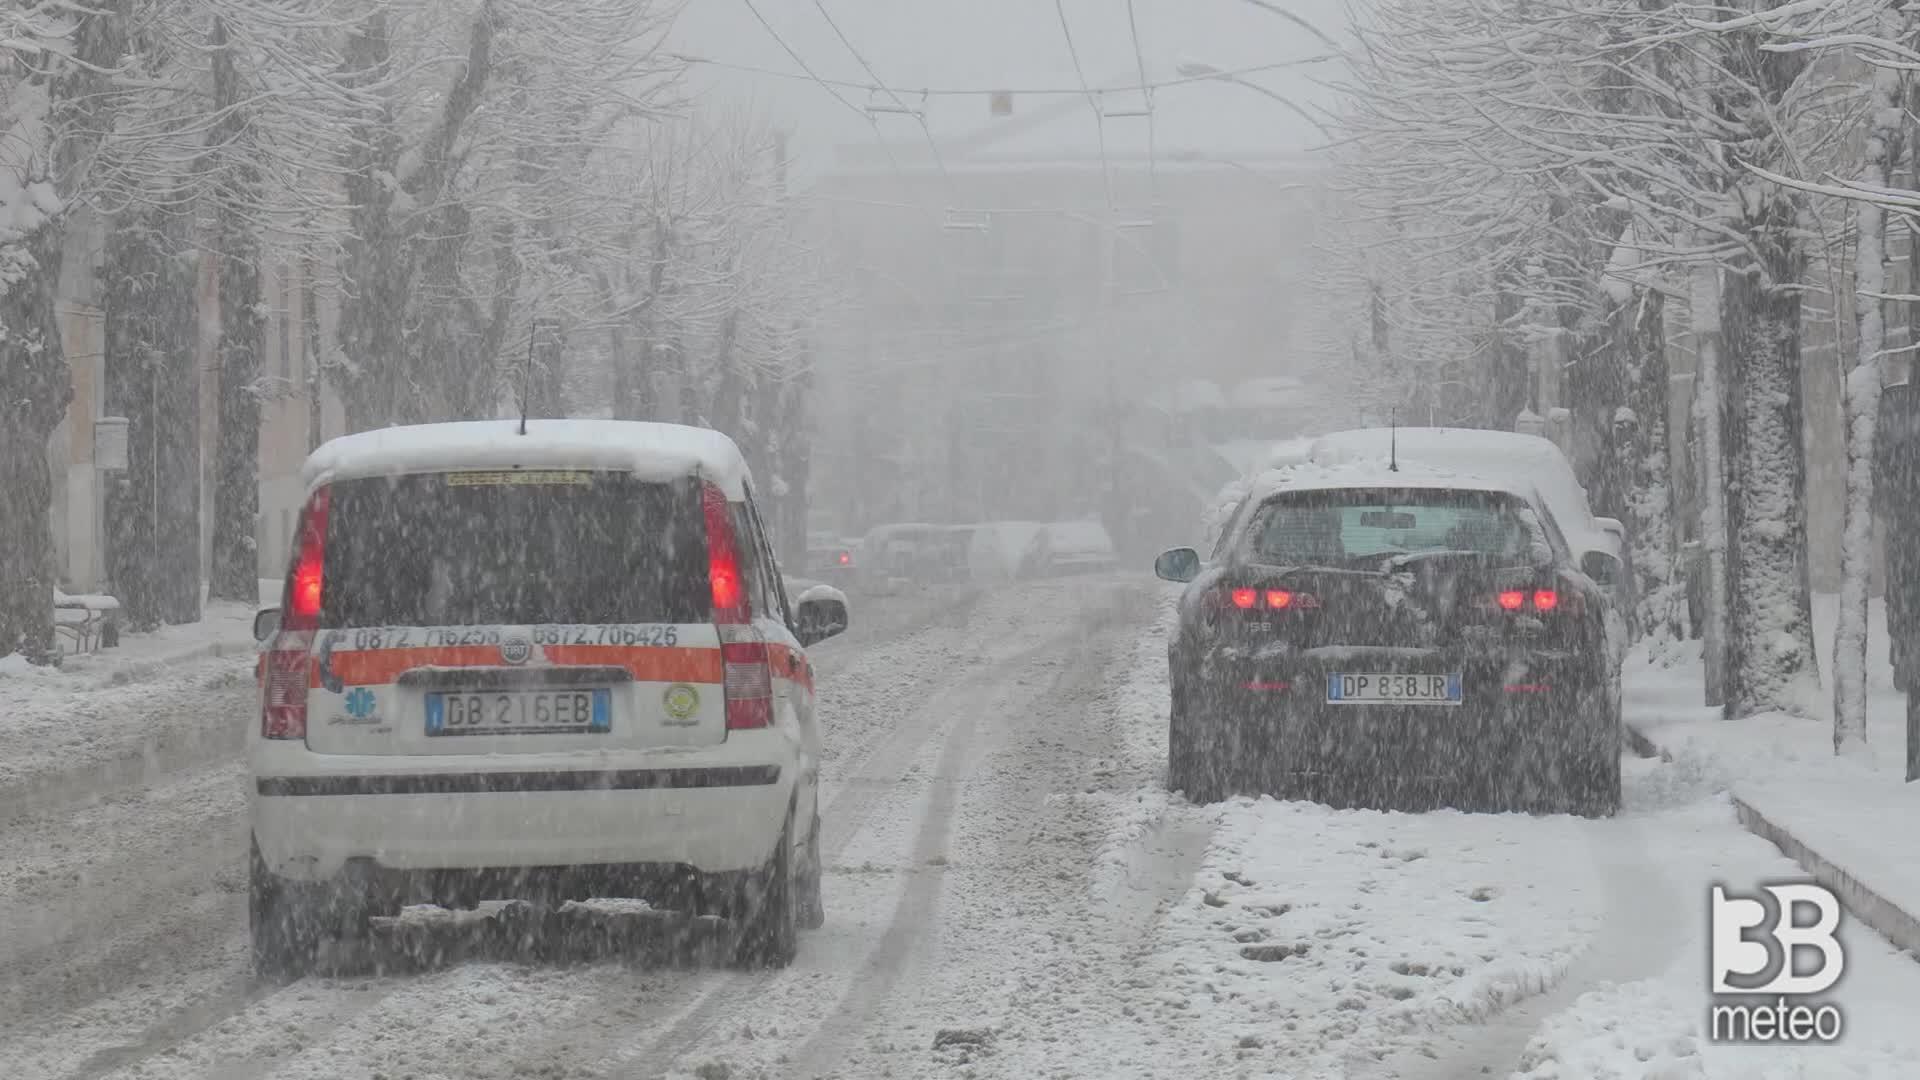 Chieti ore 10.00: la nevicata si intensifica